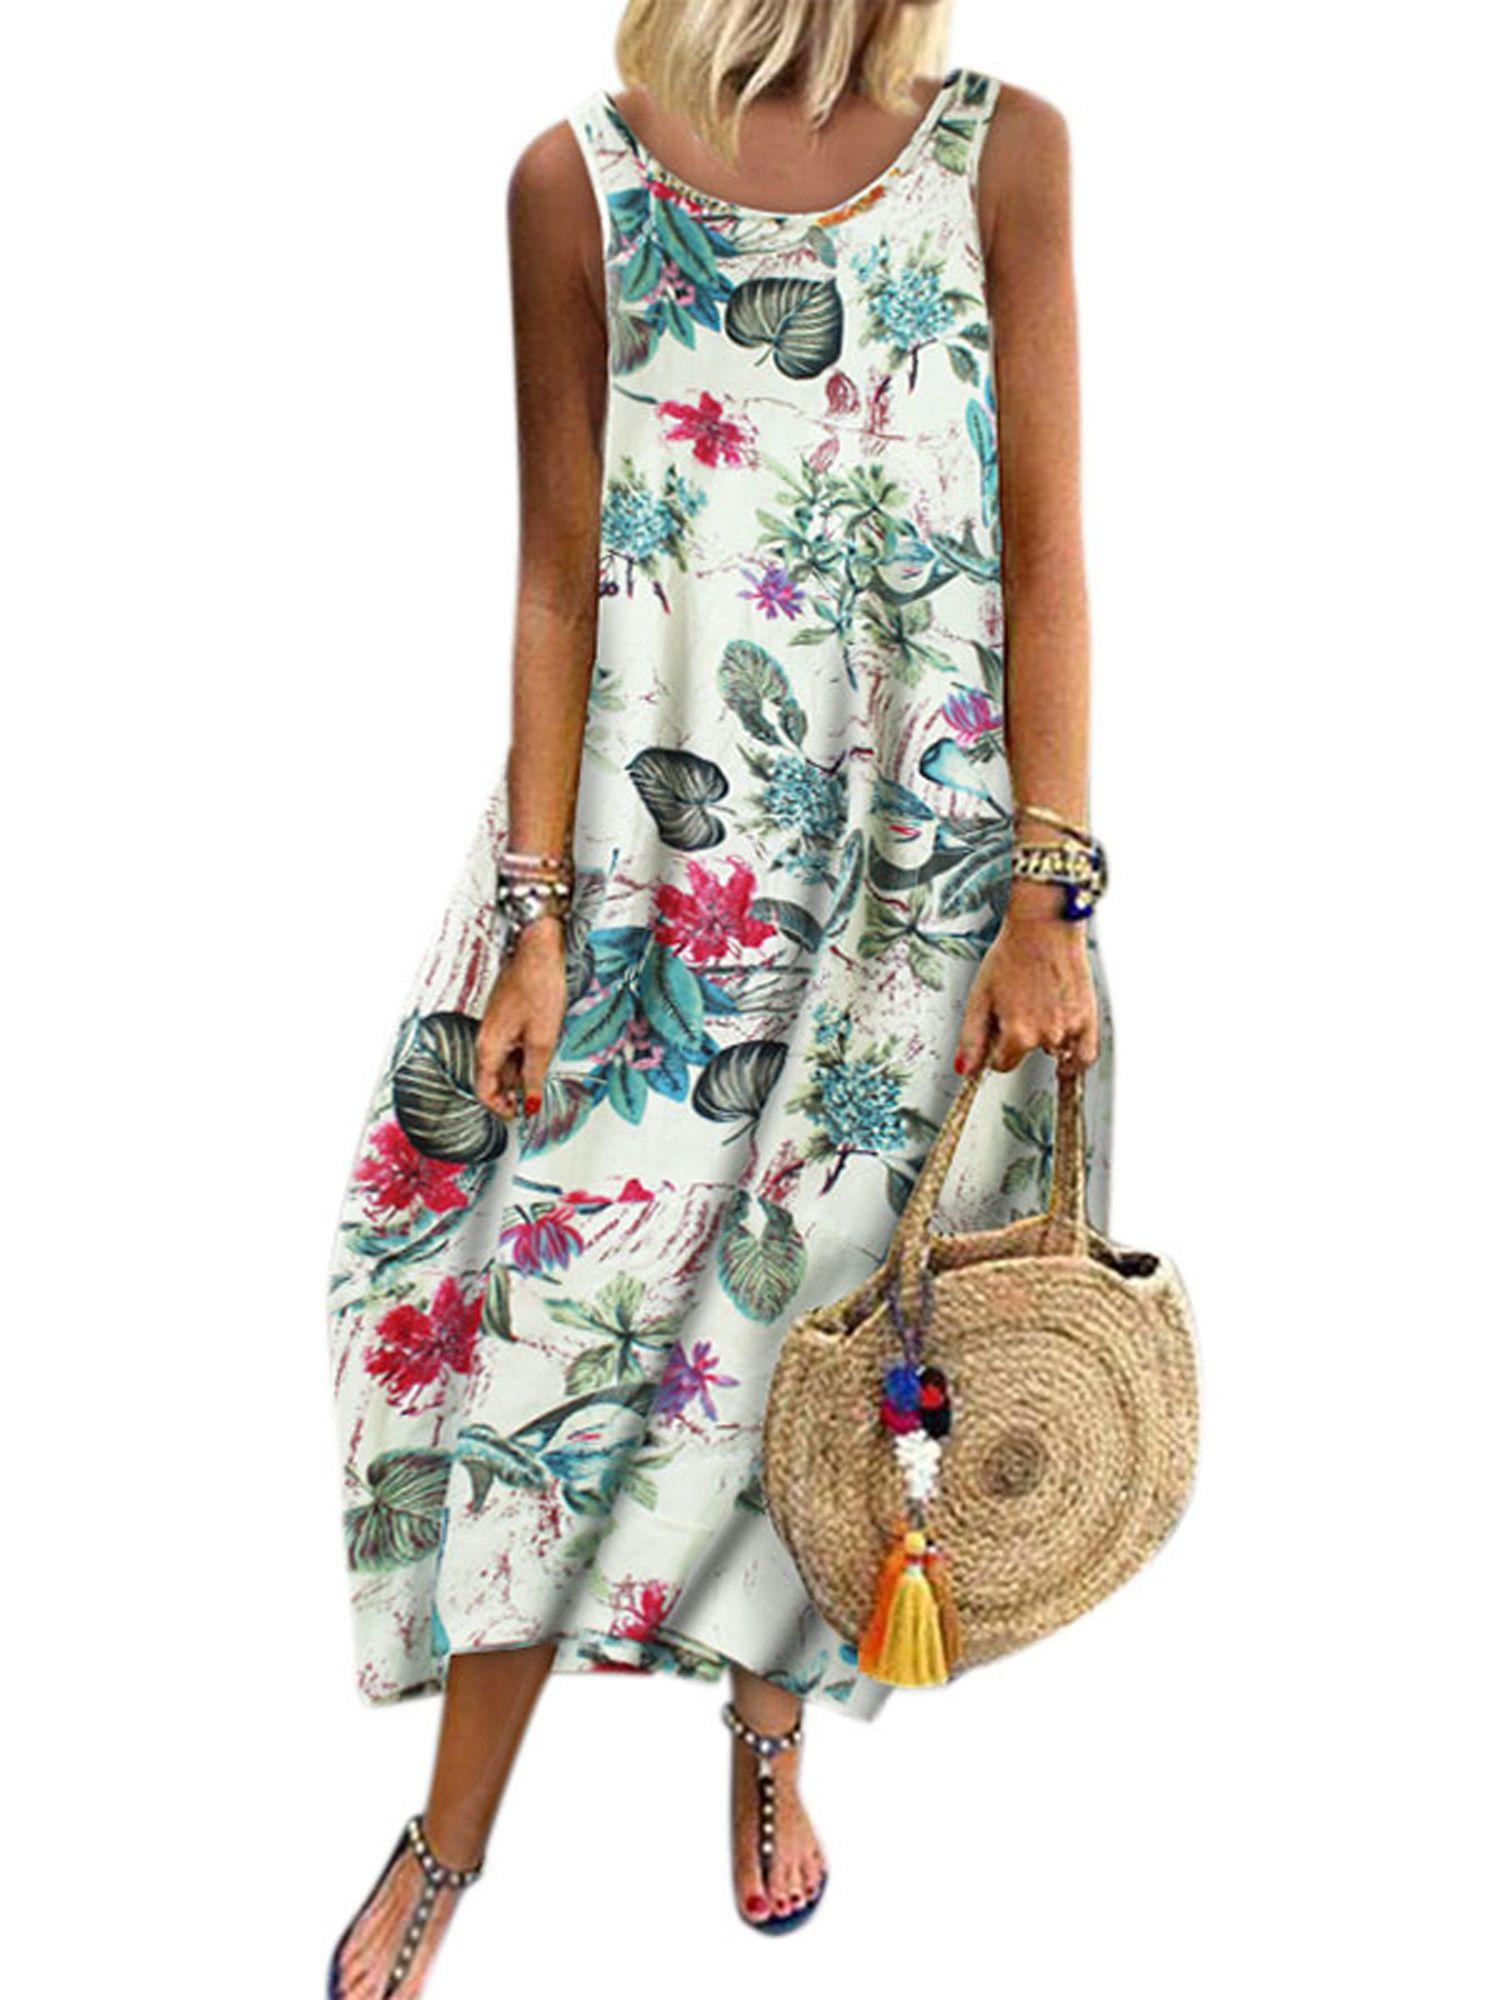 Lallc Women S Plus Size Summer Boho Sleeveless Long Dresses Kaftan Floral Sundress Sleeveless Long Dress Essential Dress Womens Shift Dresses [ 2000 x 1500 Pixel ]